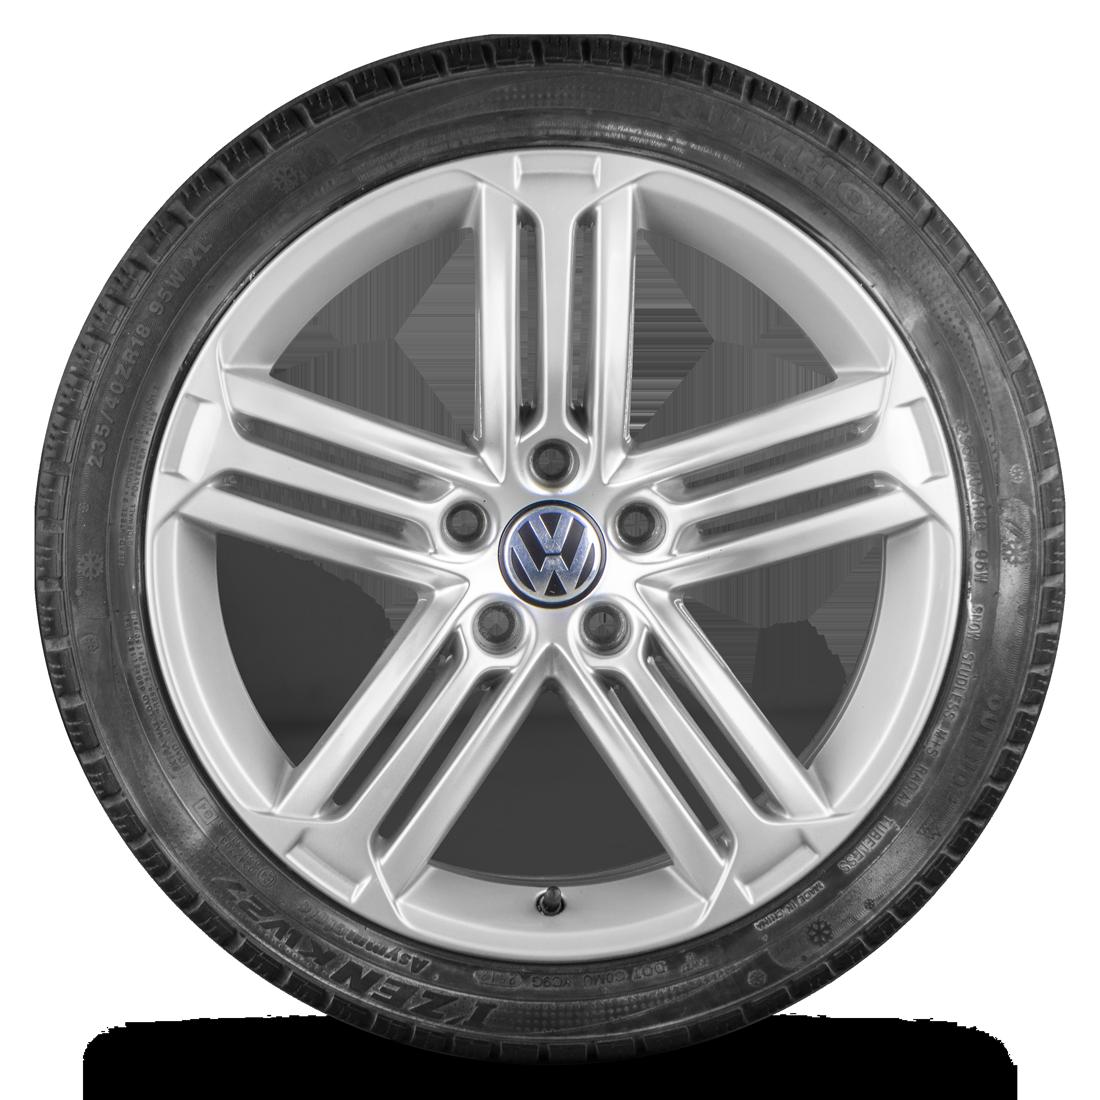 Original VW 18 Zoll Felgen Passat CC Scirocco TallagedaWinterreifen Winterräder